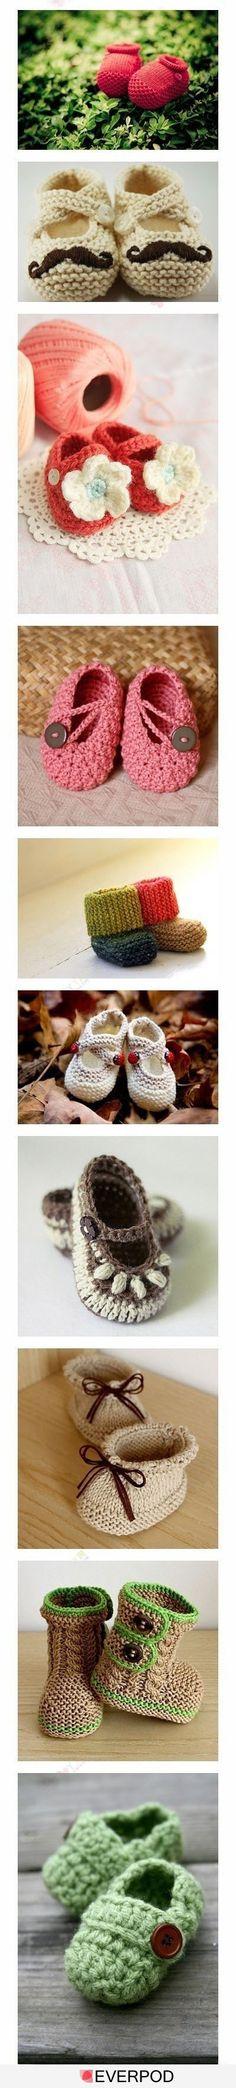 laura collier jacynthe blogspot kid jacynthe chaussons lait petits pieds sandale tricot crotchet bb chaussons de bb au crochet